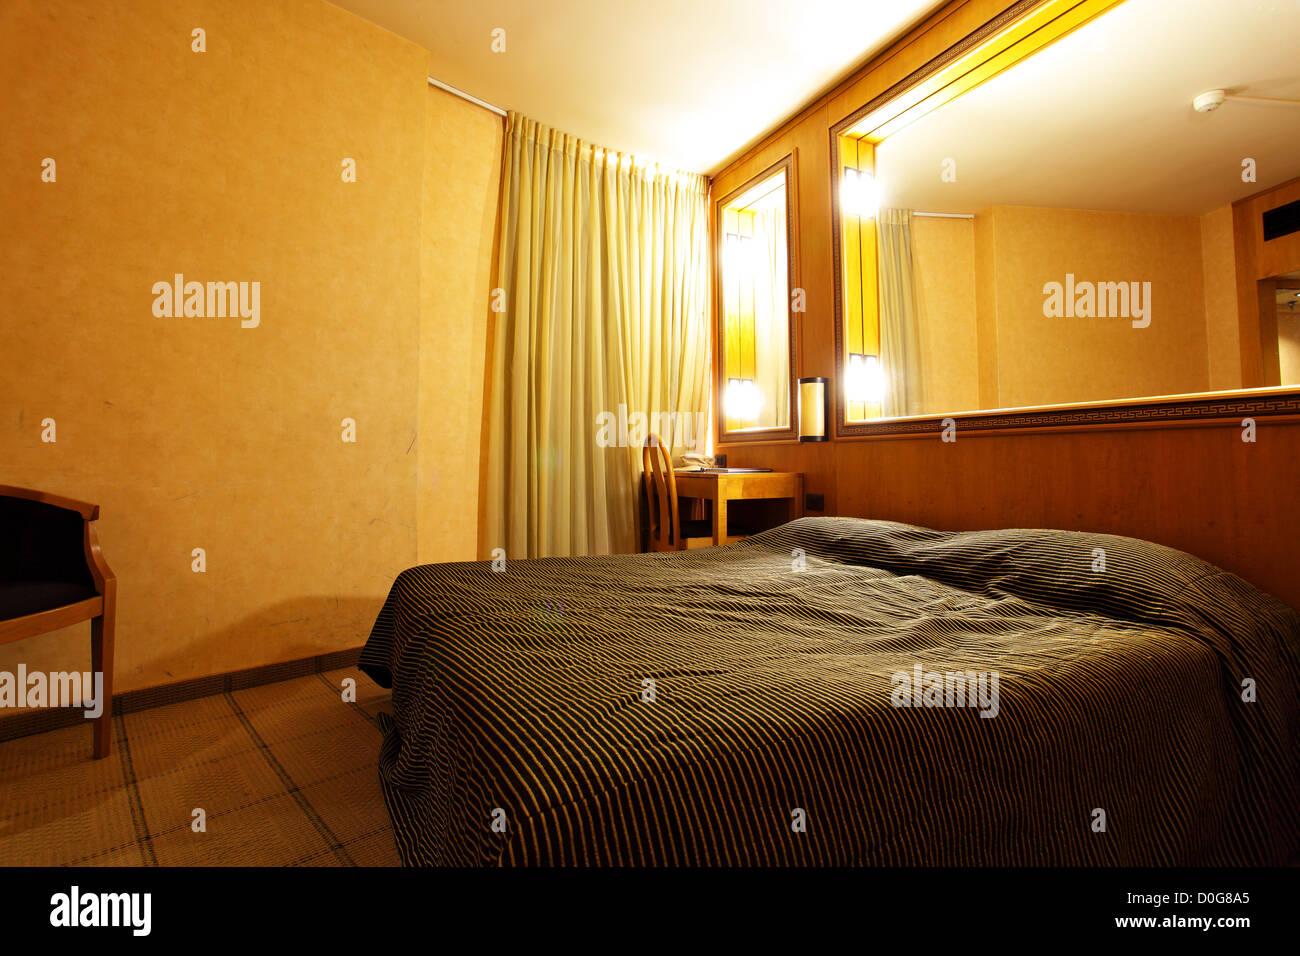 Modernes Interieur Des Hotels Oder Wohn Schlafzimmer Stockfoto Bild